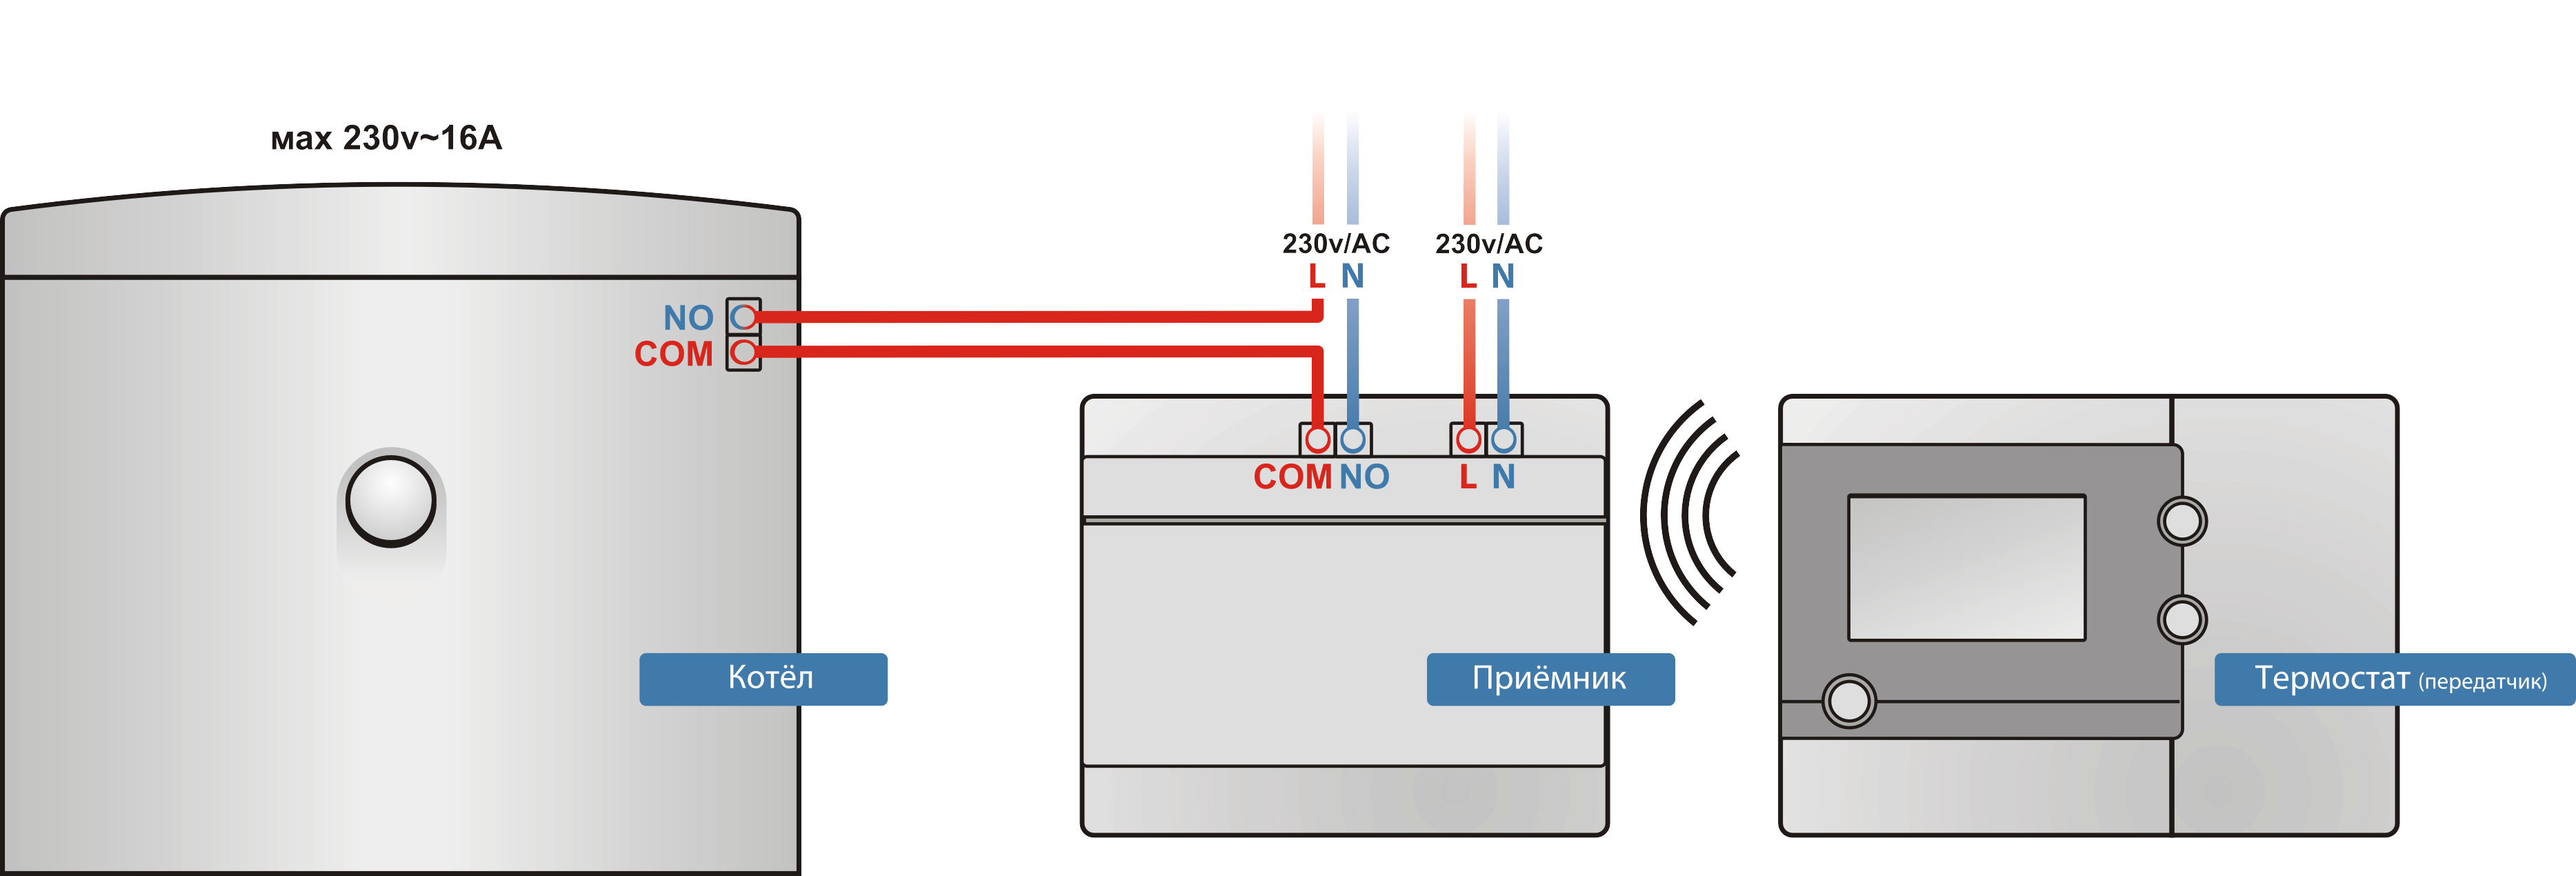 Схема подключения RT500RF Беспроводной электронный терморегулятор – недельный